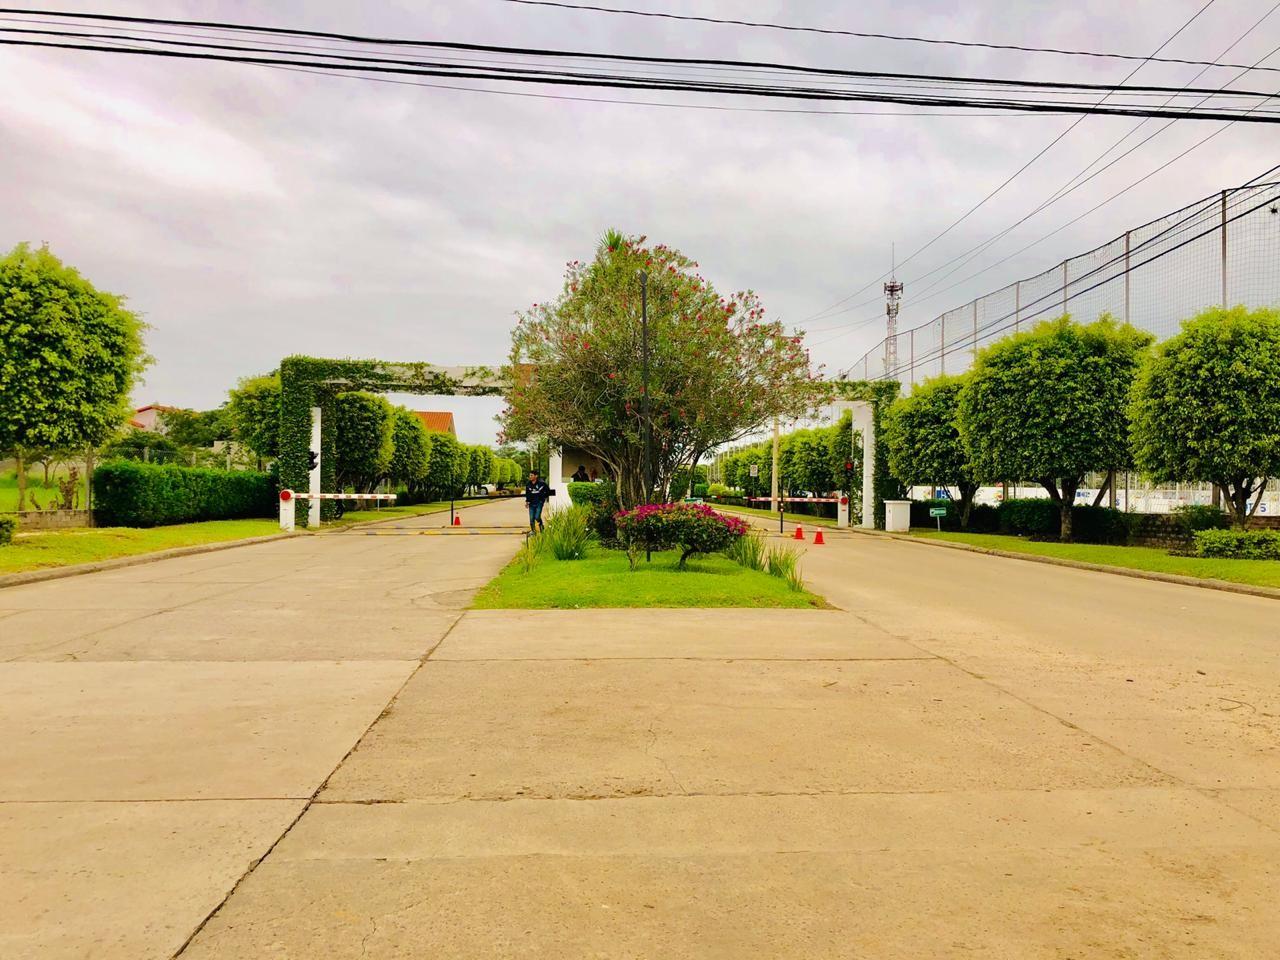 Casa en Alquiler Zona Urubo - Condominio Jardines del Urubo - lado de Restaurante Casa del Camba - a 1 minuto del Puente principal. Foto 26